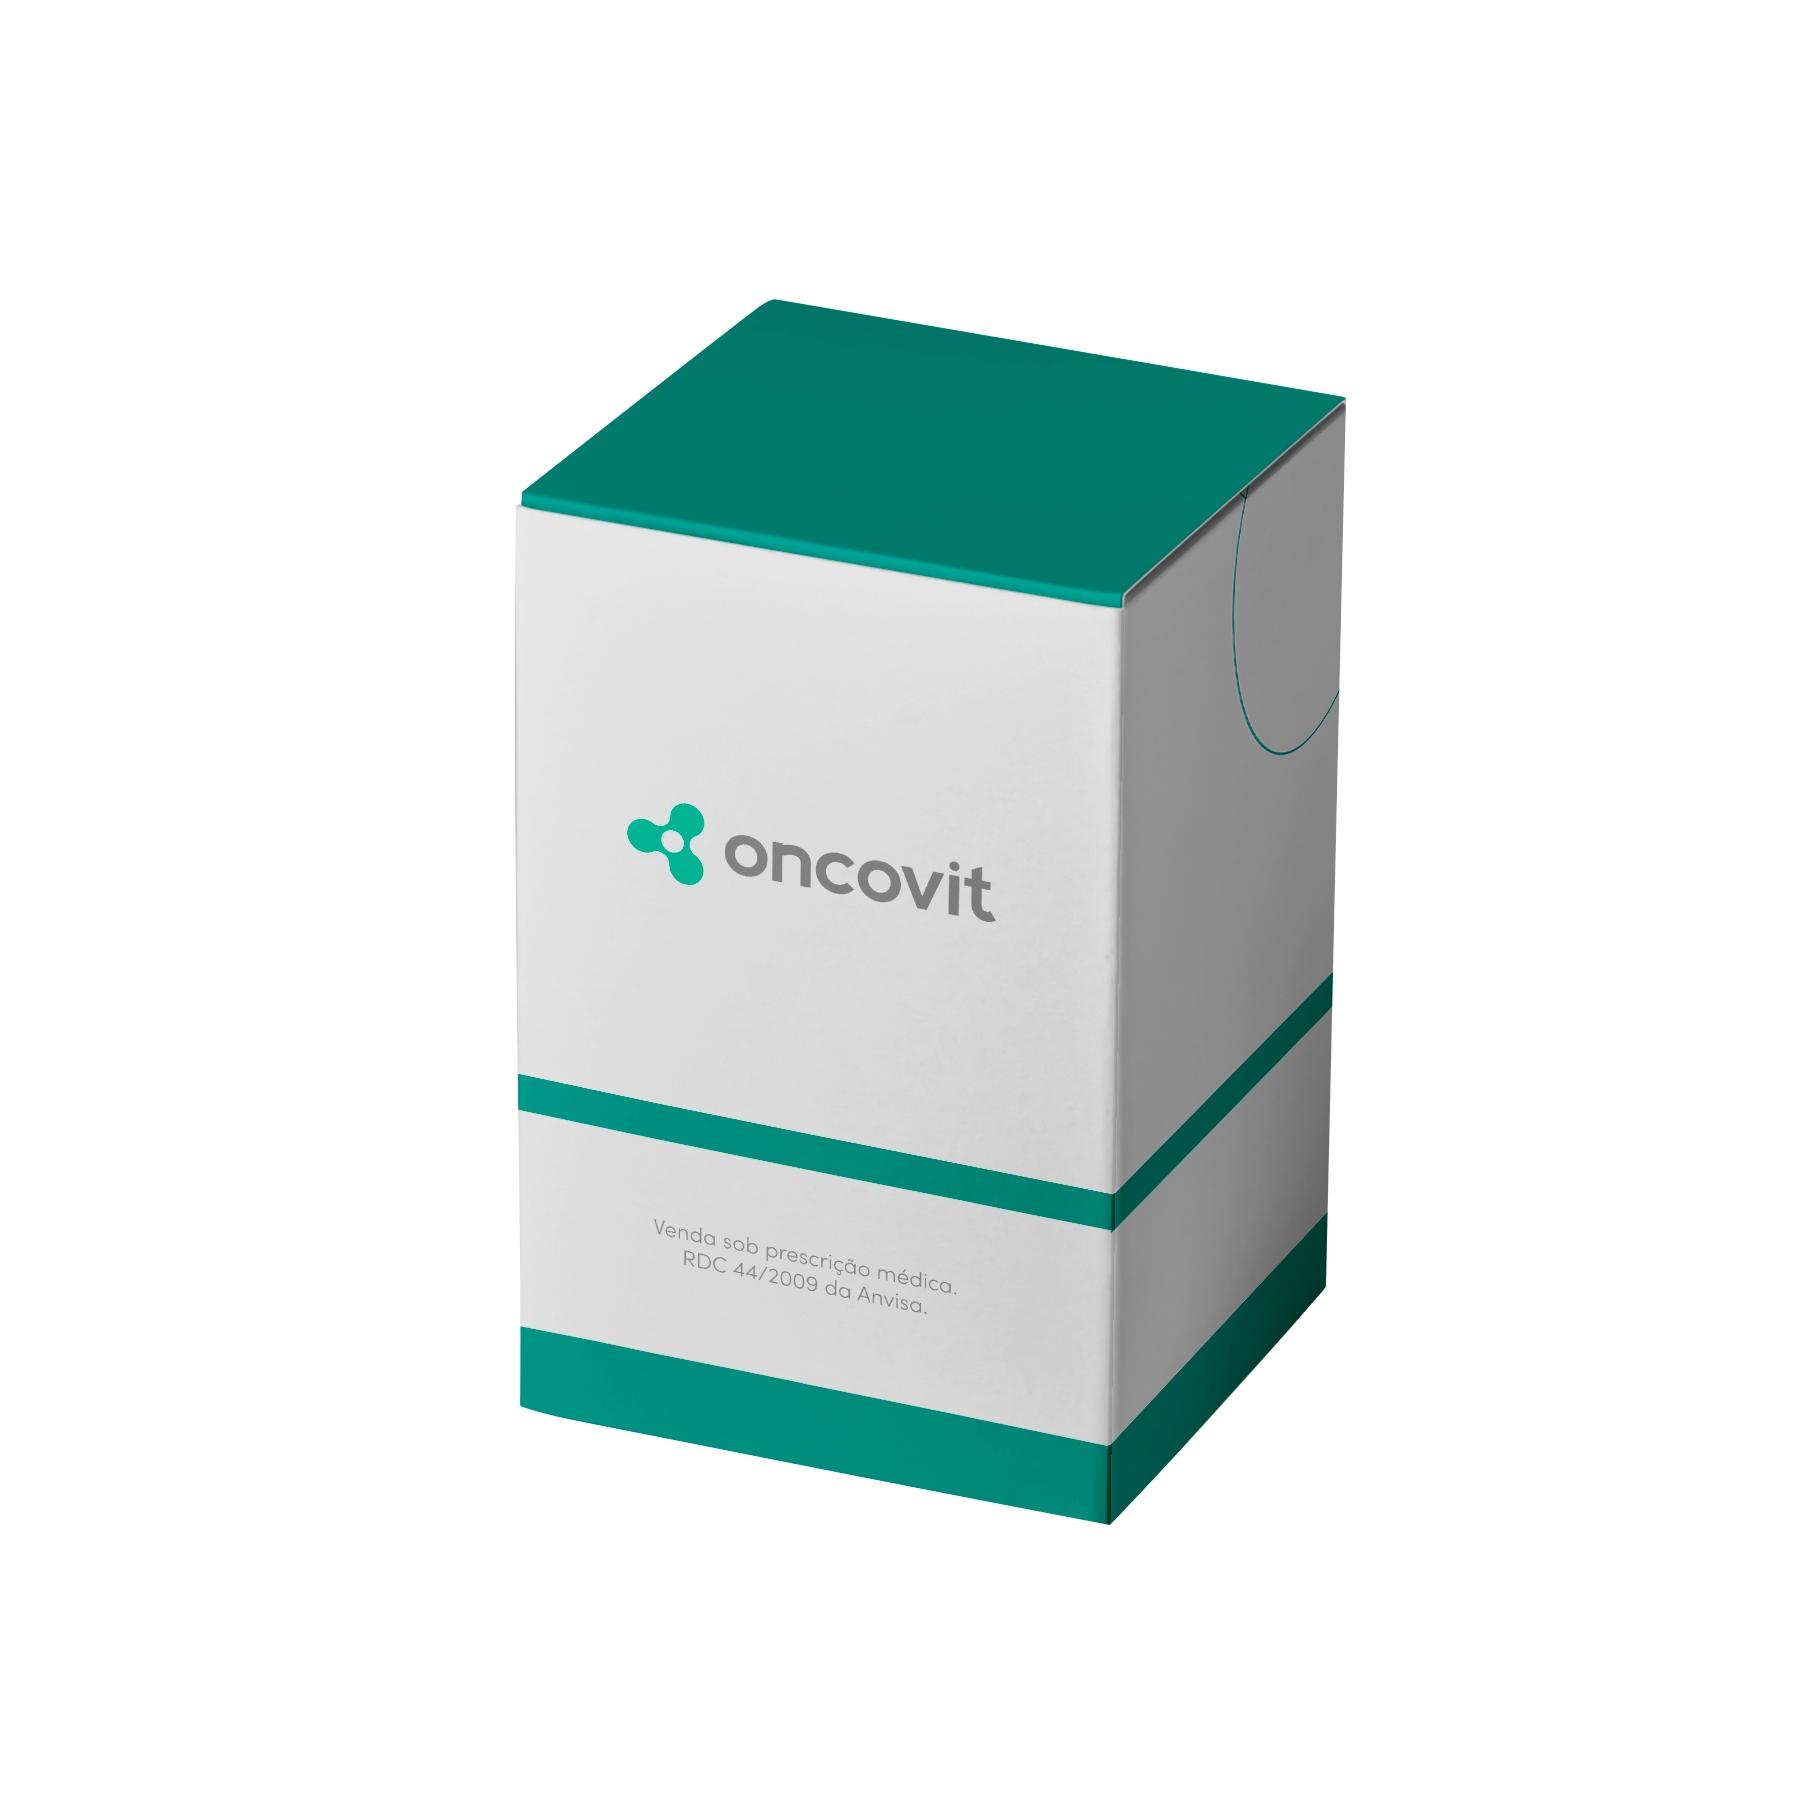 Filgrastim 300mcg caixa com 5 frascos-ampola com 1mL de solução de uso intravenoso ou subcutâneo